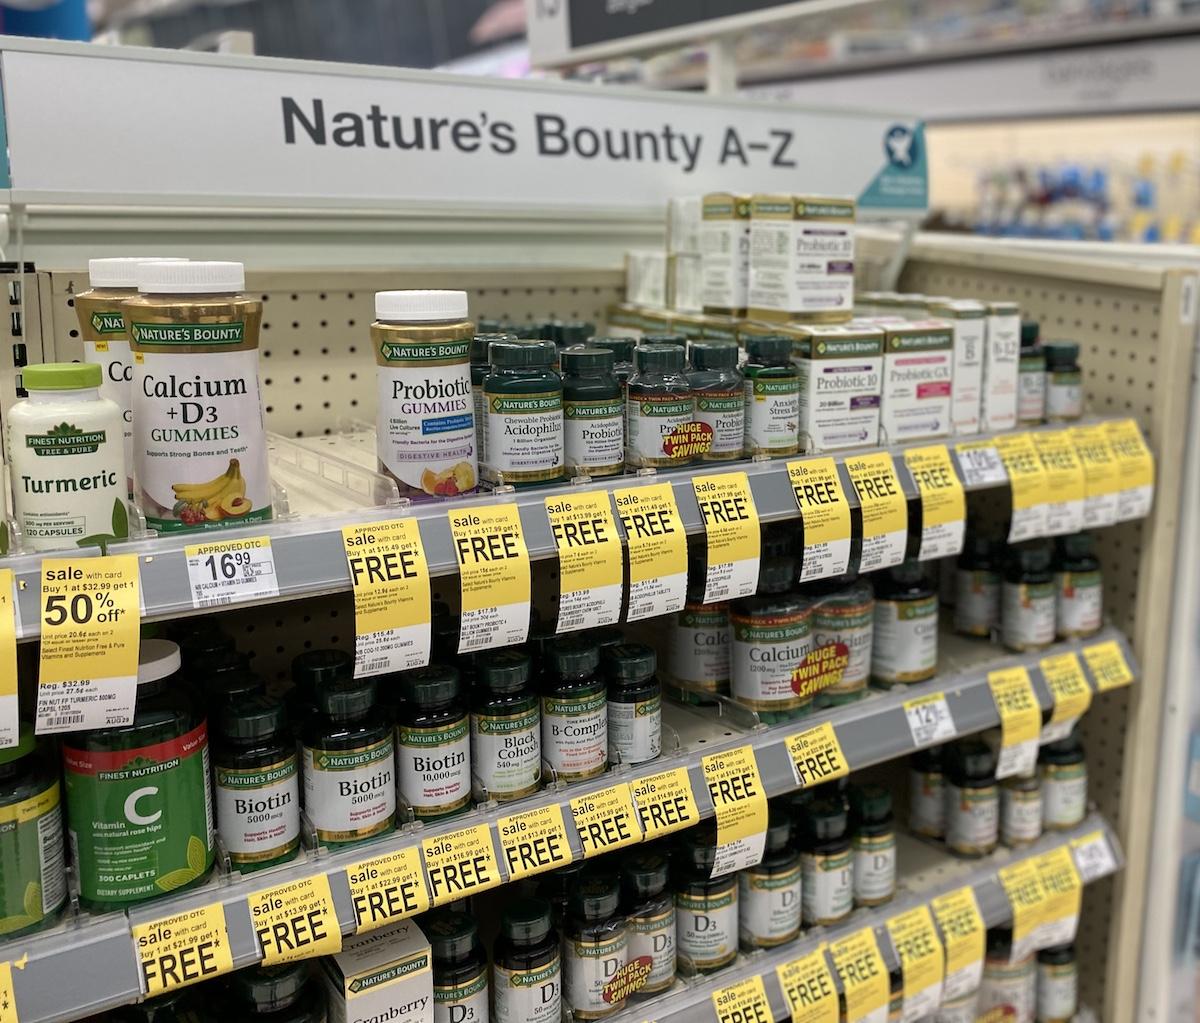 display of Nature's Bounty Vitamins at Walgreens